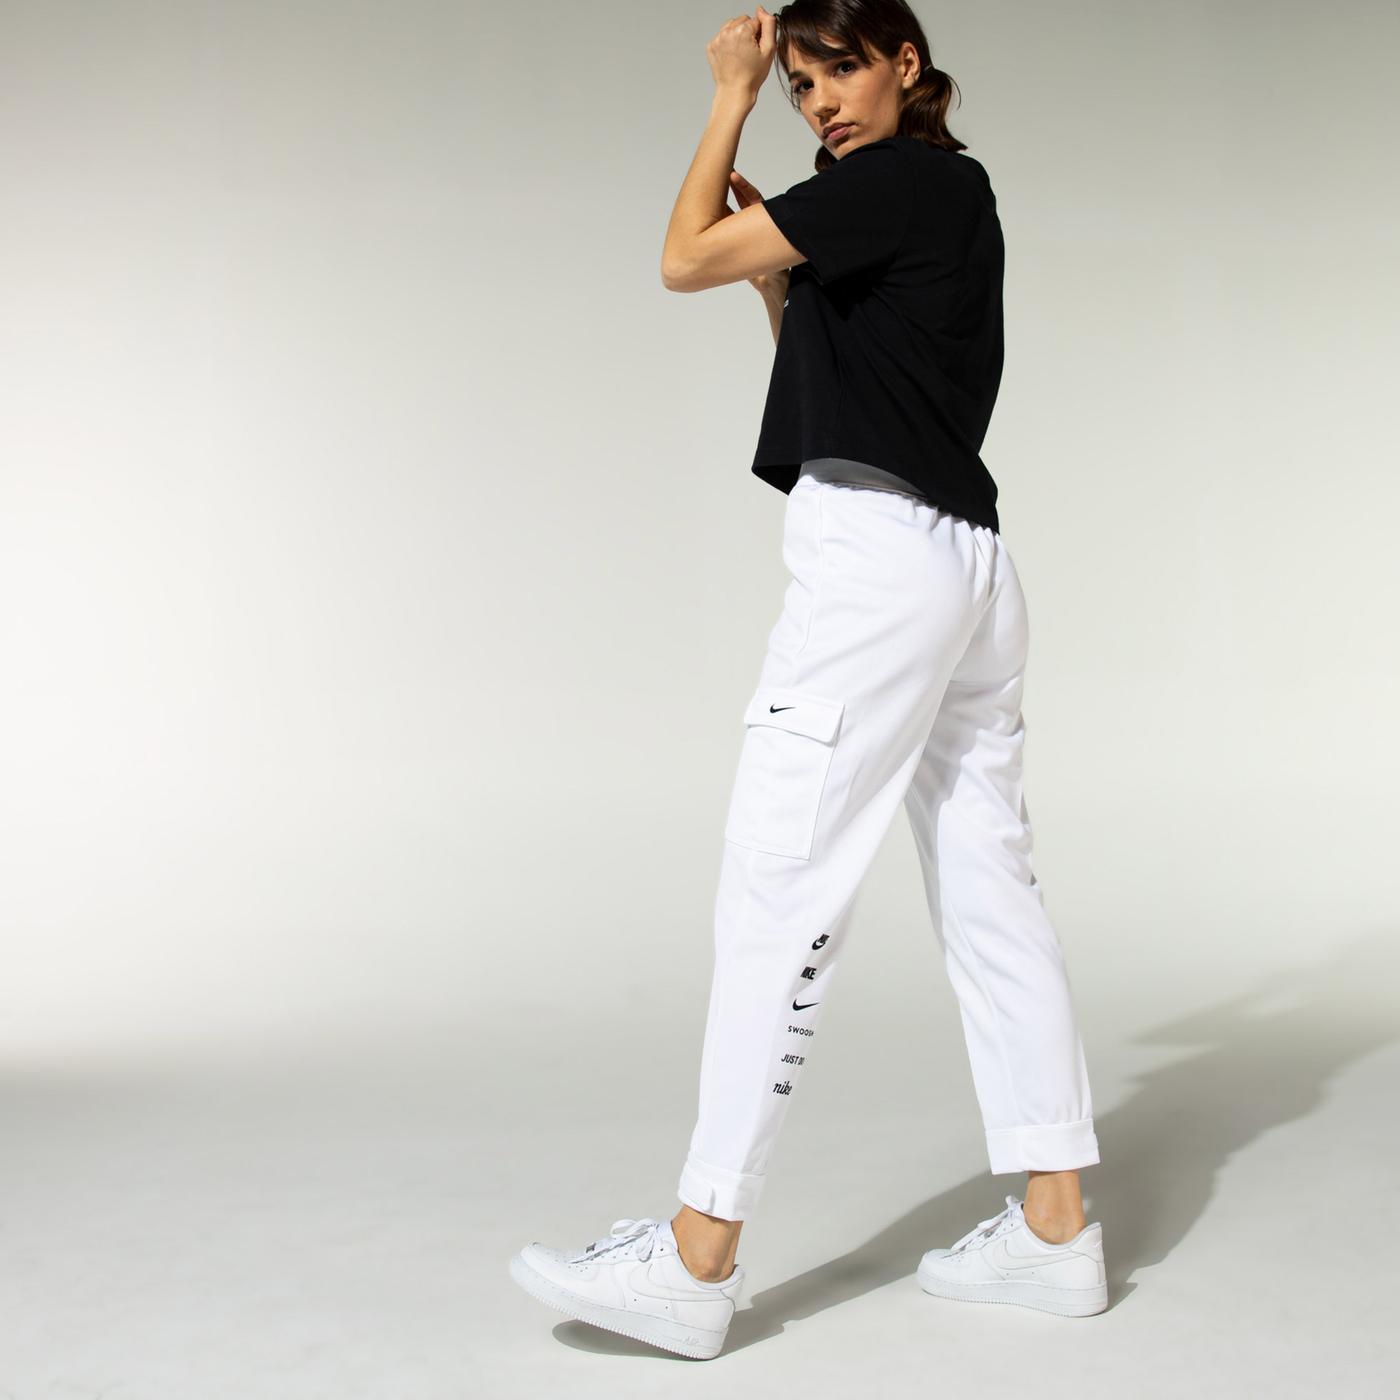 Nike Swoosh Kadın Beyaz Eşofman Altı